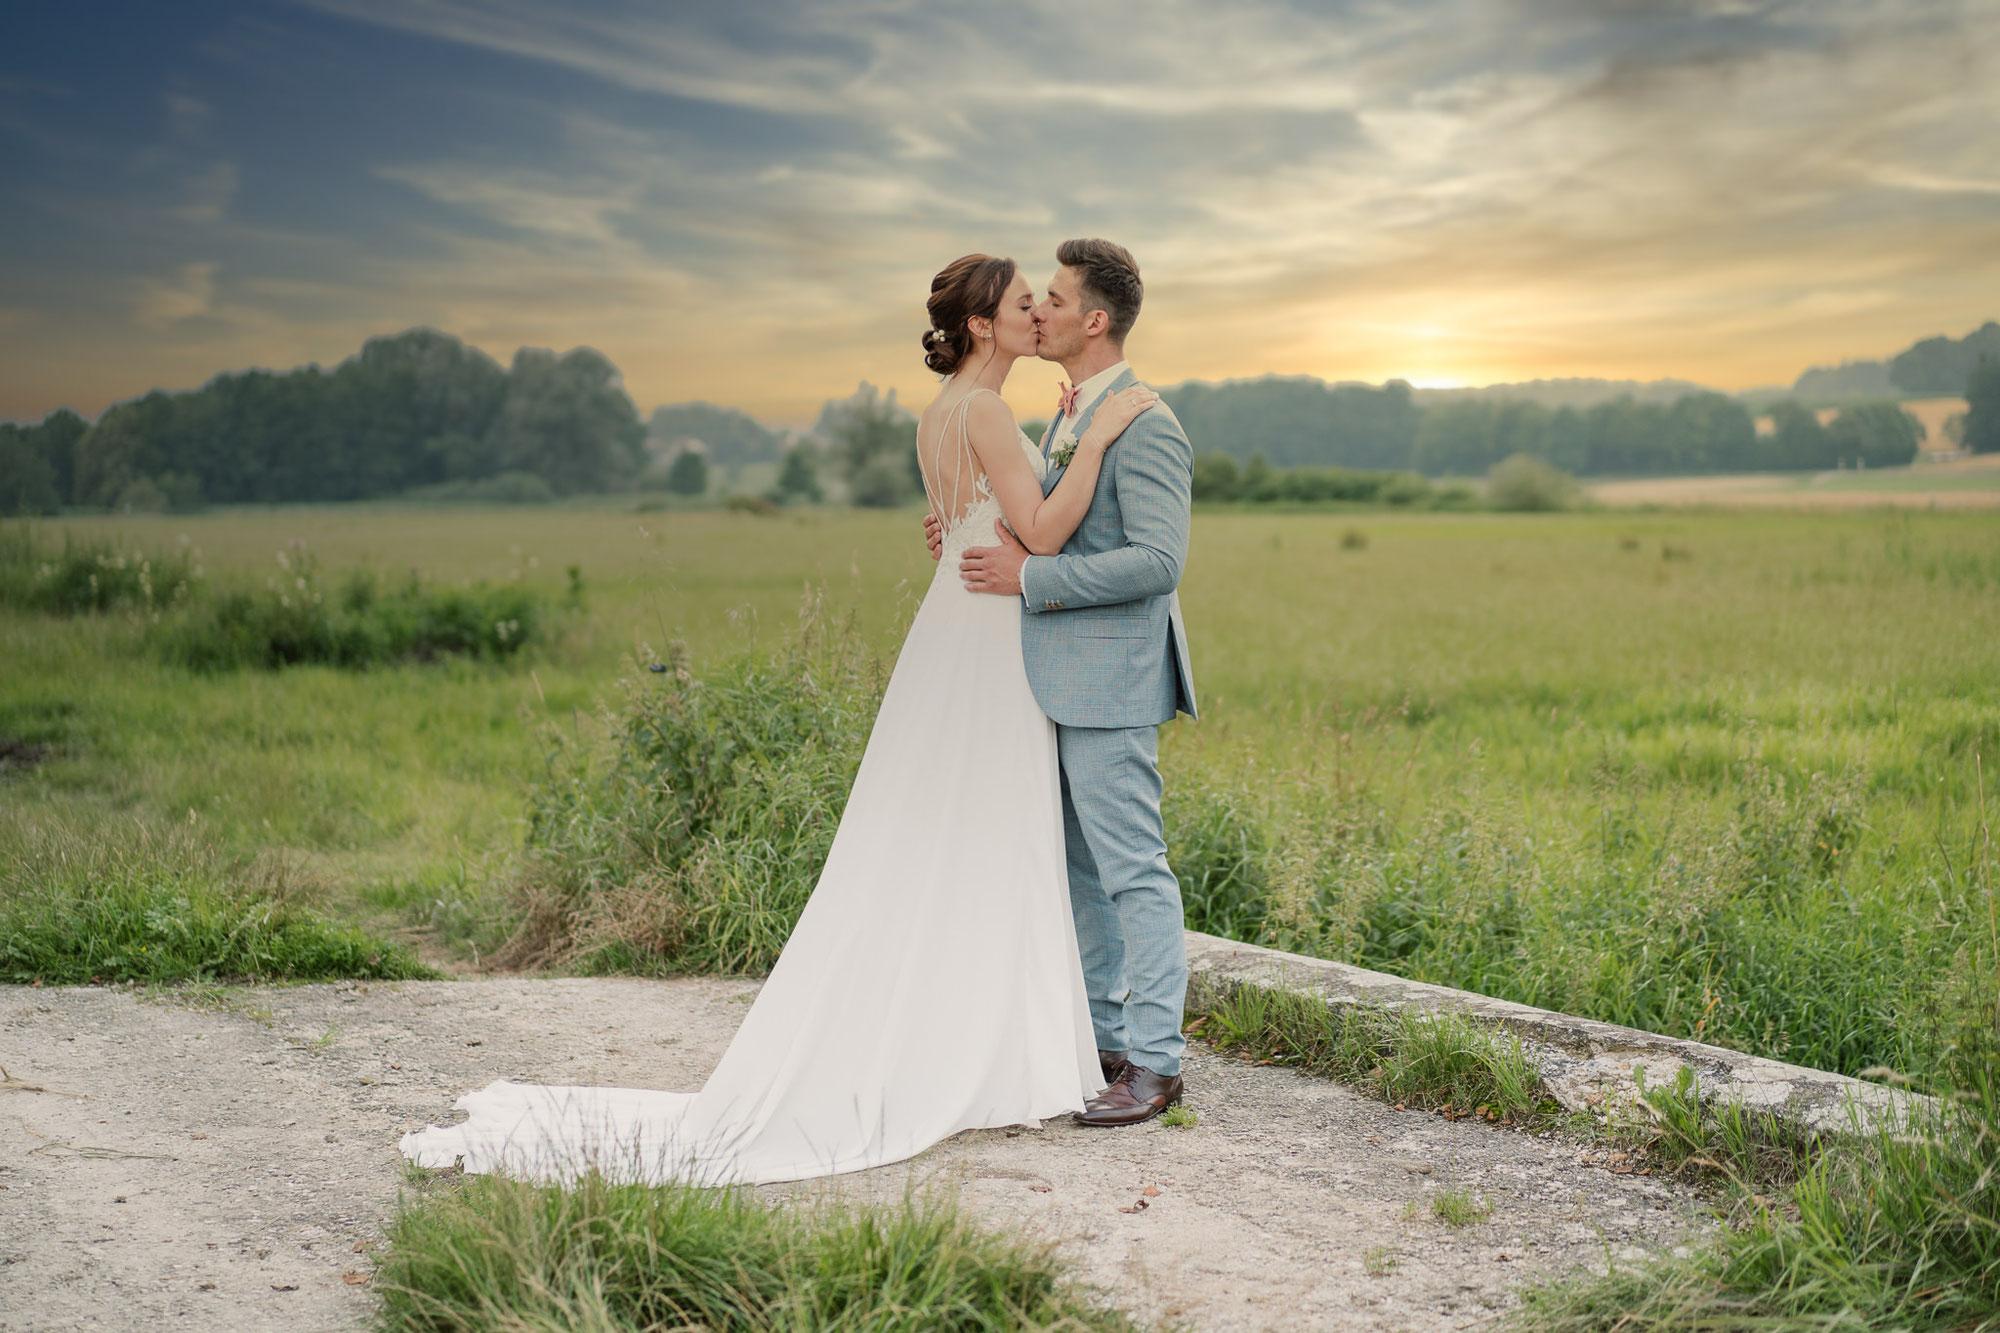 Theresa & Michael - Hochzeitszauber von Markt Indersdorf bis nach Erdweg